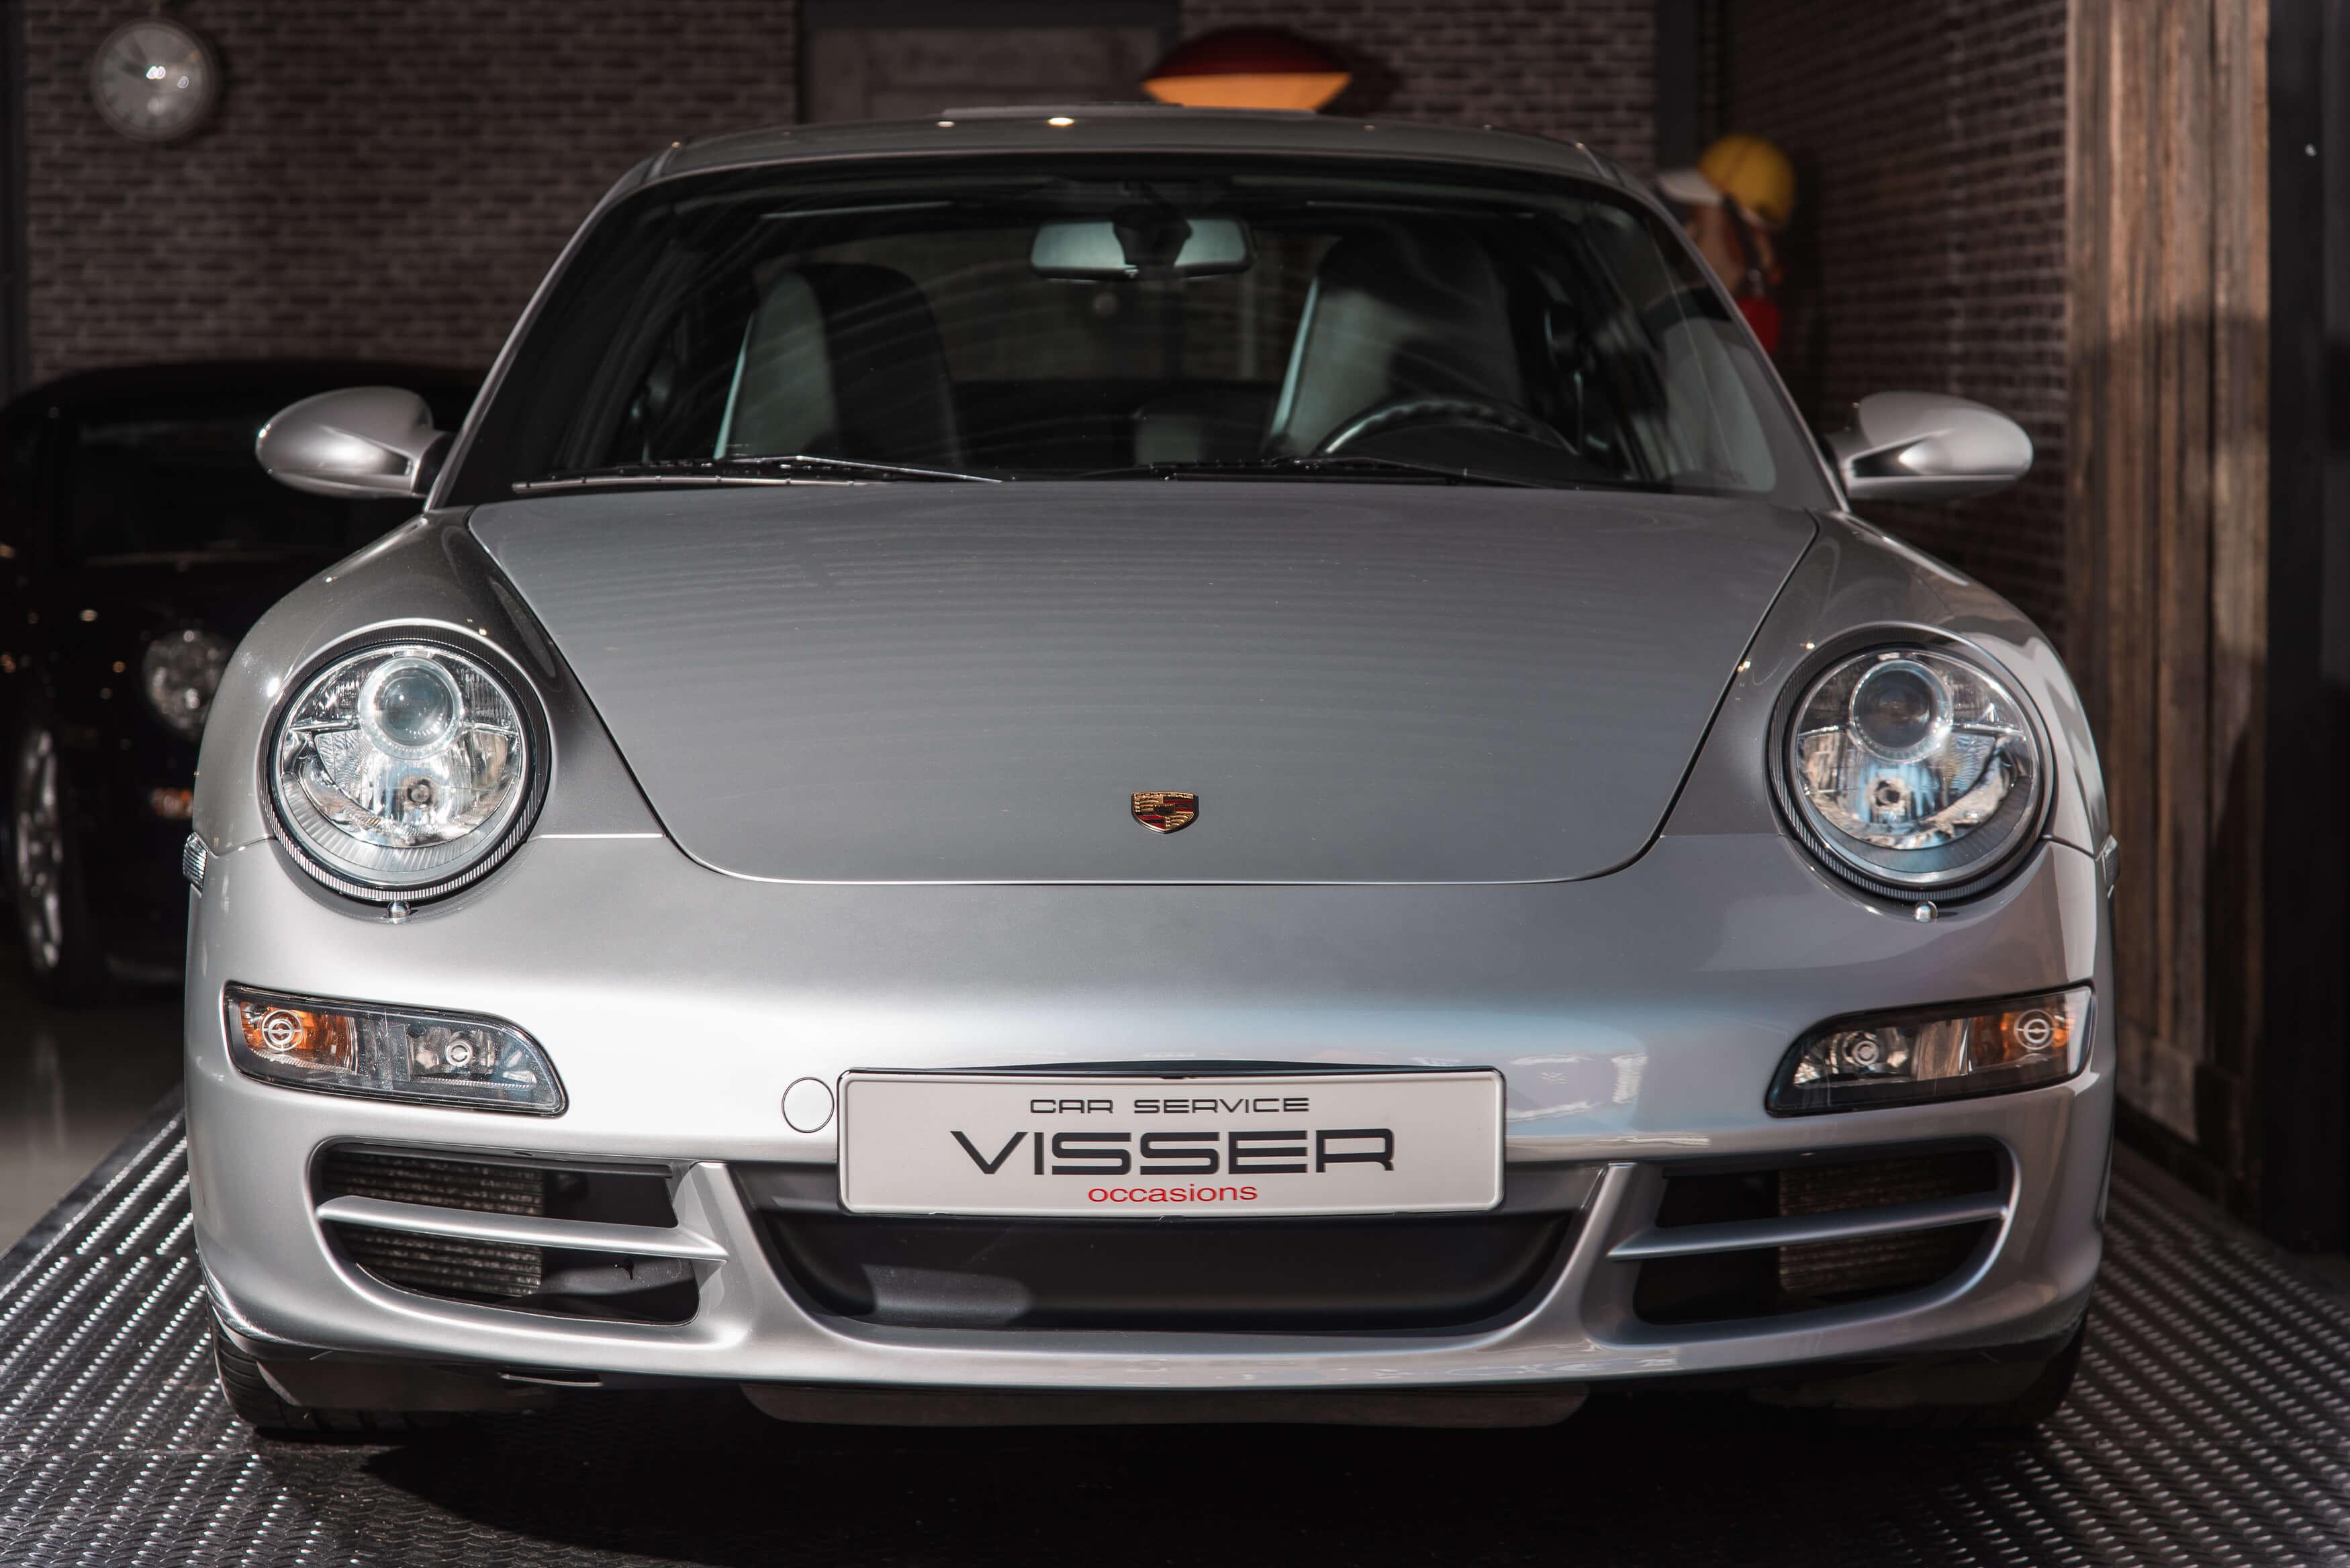 Porsche 997 Carrera S handgeschakeld Car Service Visser gespecialiseerd in Porsche - 1